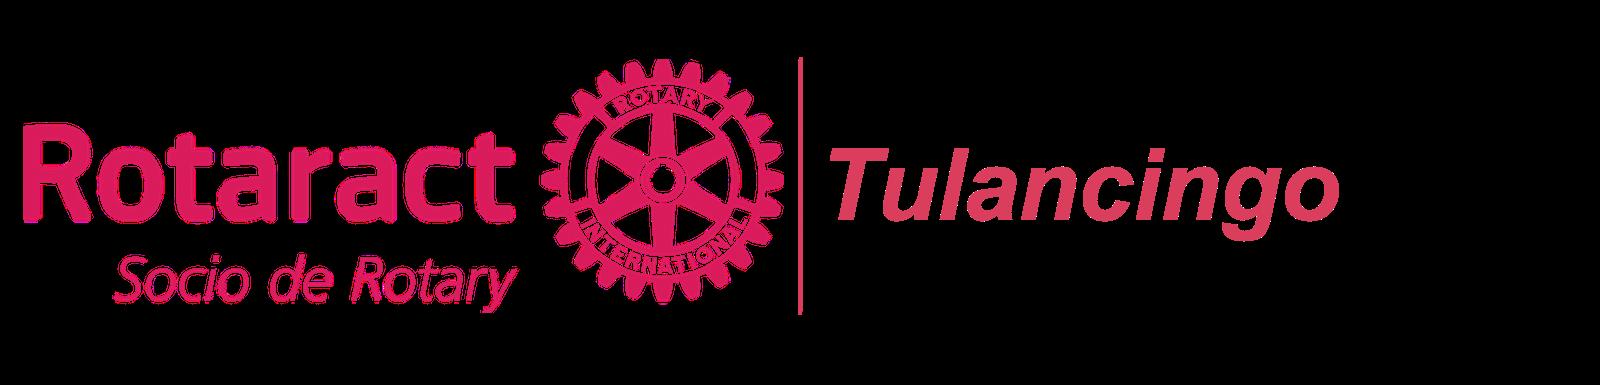 Tulancingo